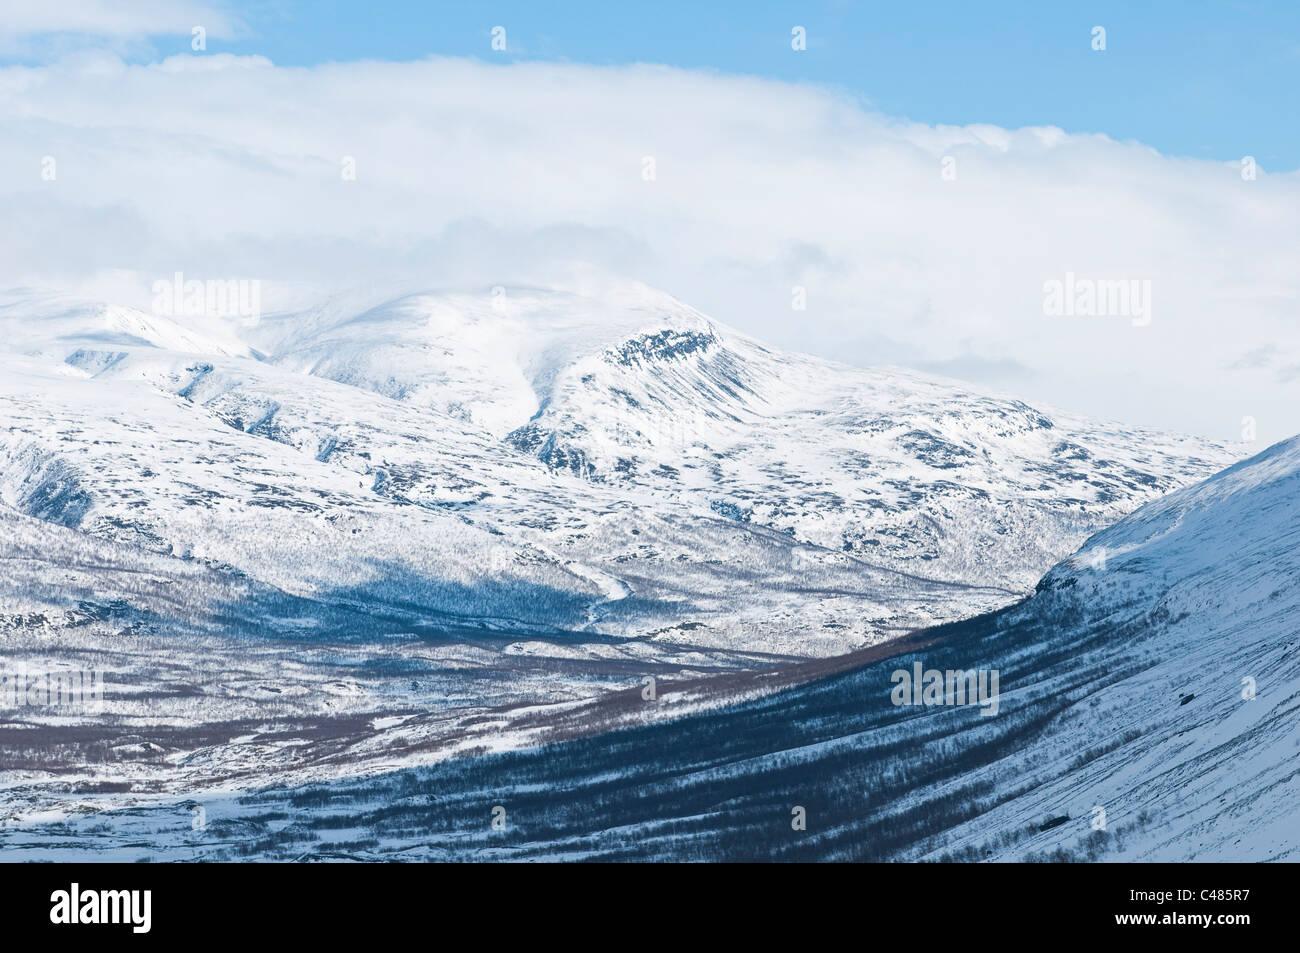 Blick vom Tal Unna Reaiddavaggi ins Tal Vistasvaggi Vistasdalen, Kebnekaisegebiet, Norrbotten, Lappland, Schweden - Stock Image